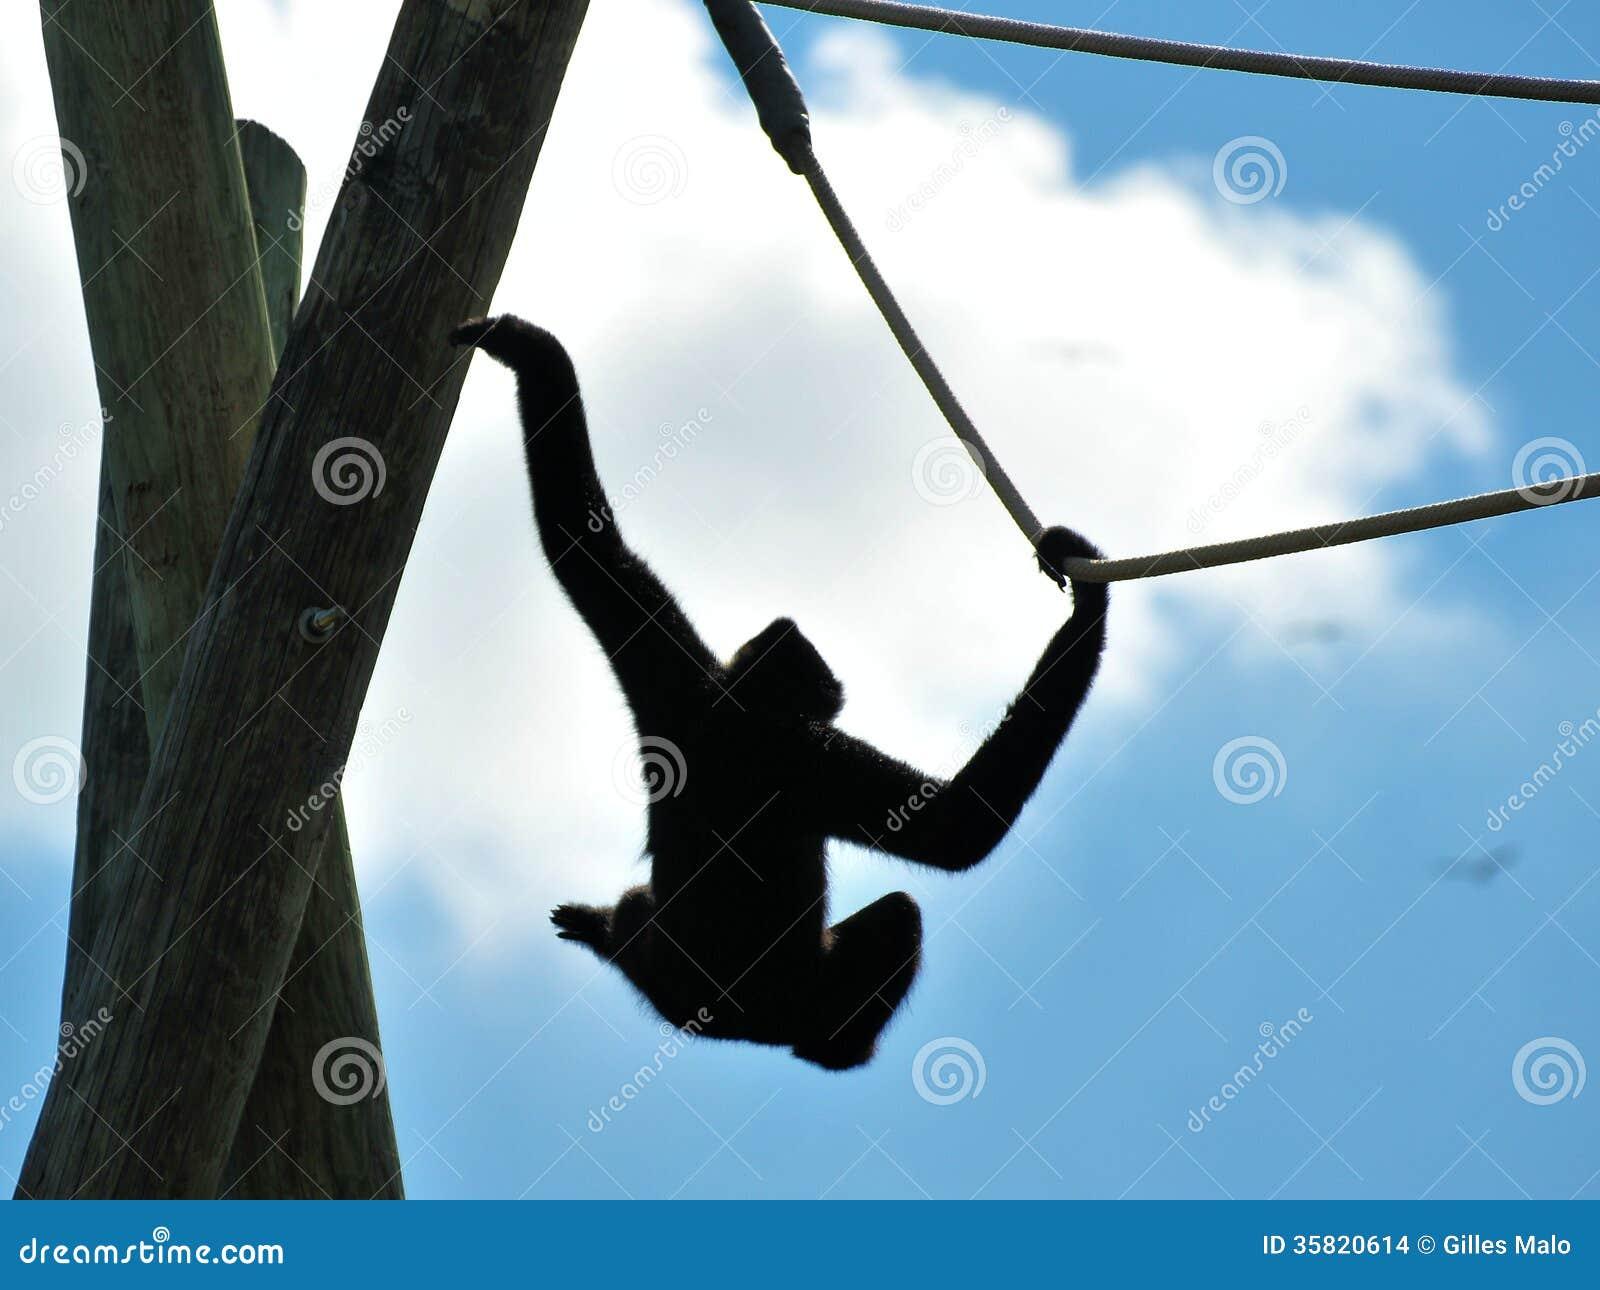 Gibbon Monkey Swinging On Rope Stock Photo Image 35820614